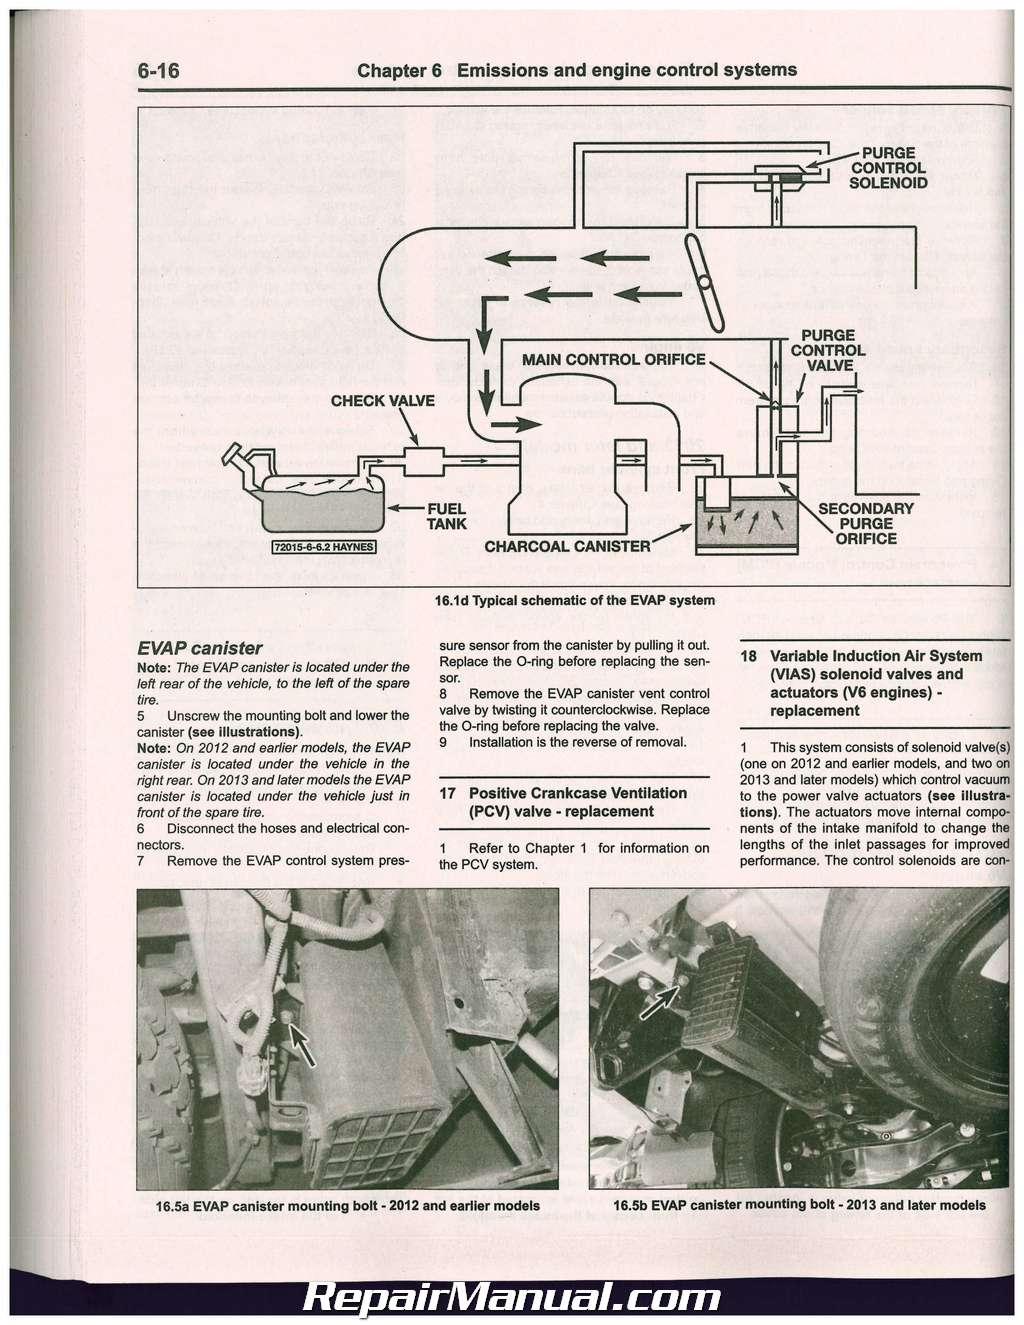 nissan pathfinder 2005 2014 haynes suv repair manual rh repairmanual com 2005 nissan pathfinder repair manual free download 03 Pathfinder